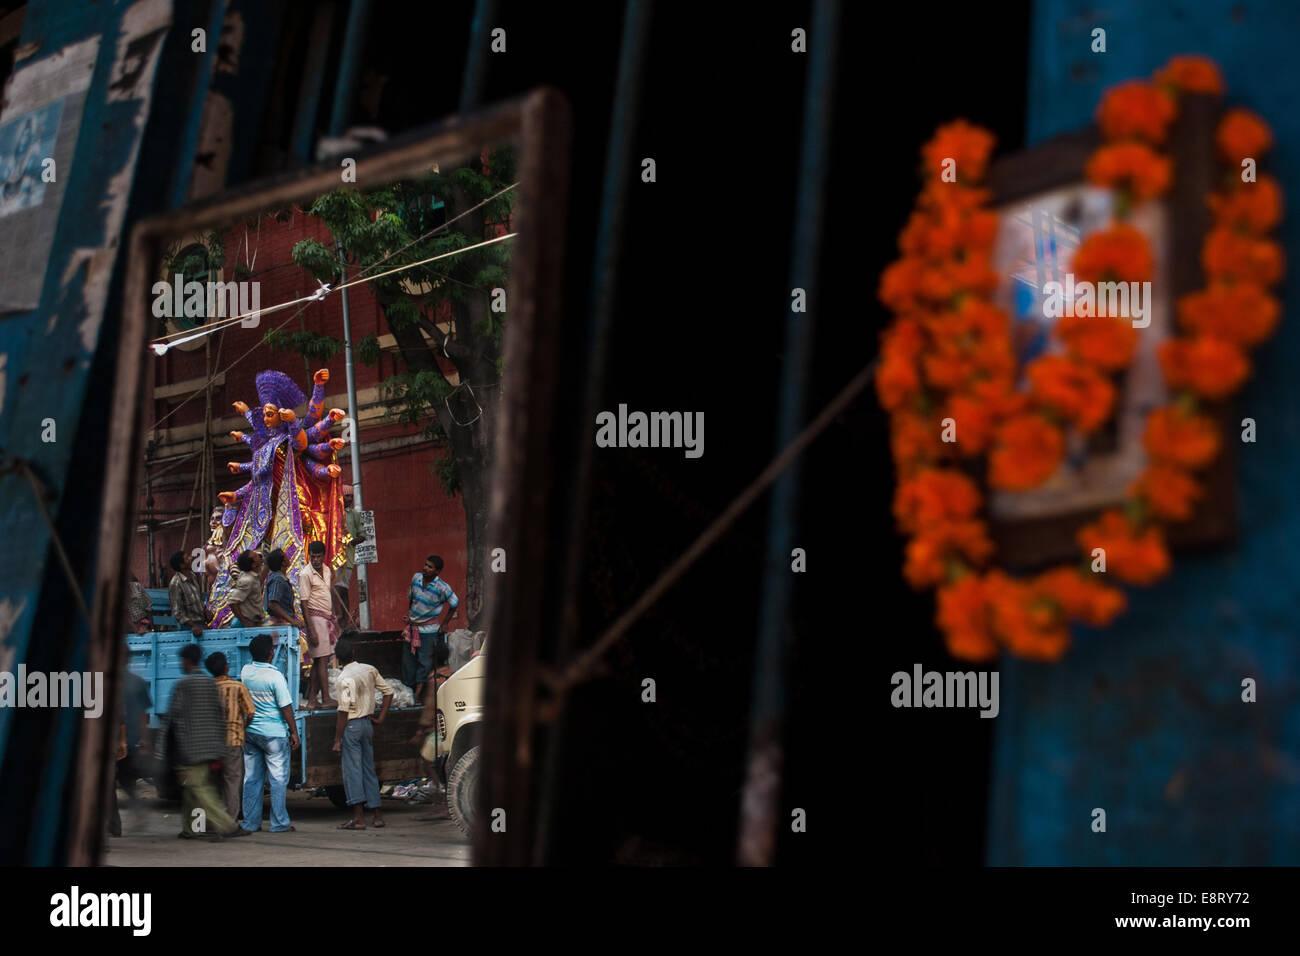 La diosa hindú Durga se reflejan en un espejo, en Kolkata, Bengala Occidental, India Imagen De Stock